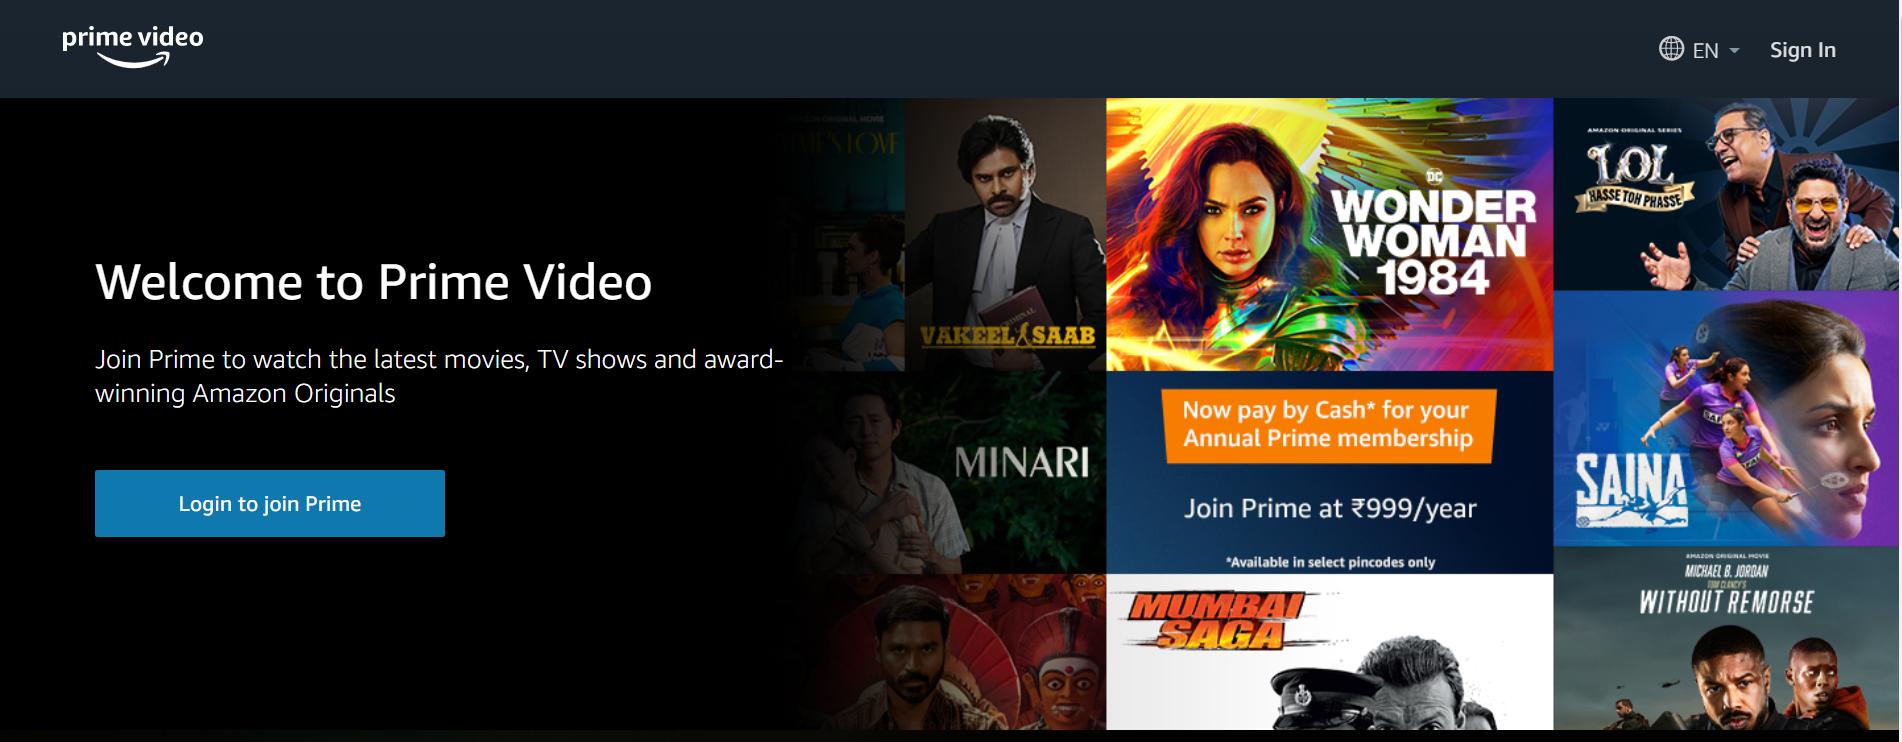 amazon-prime-video-customer-care